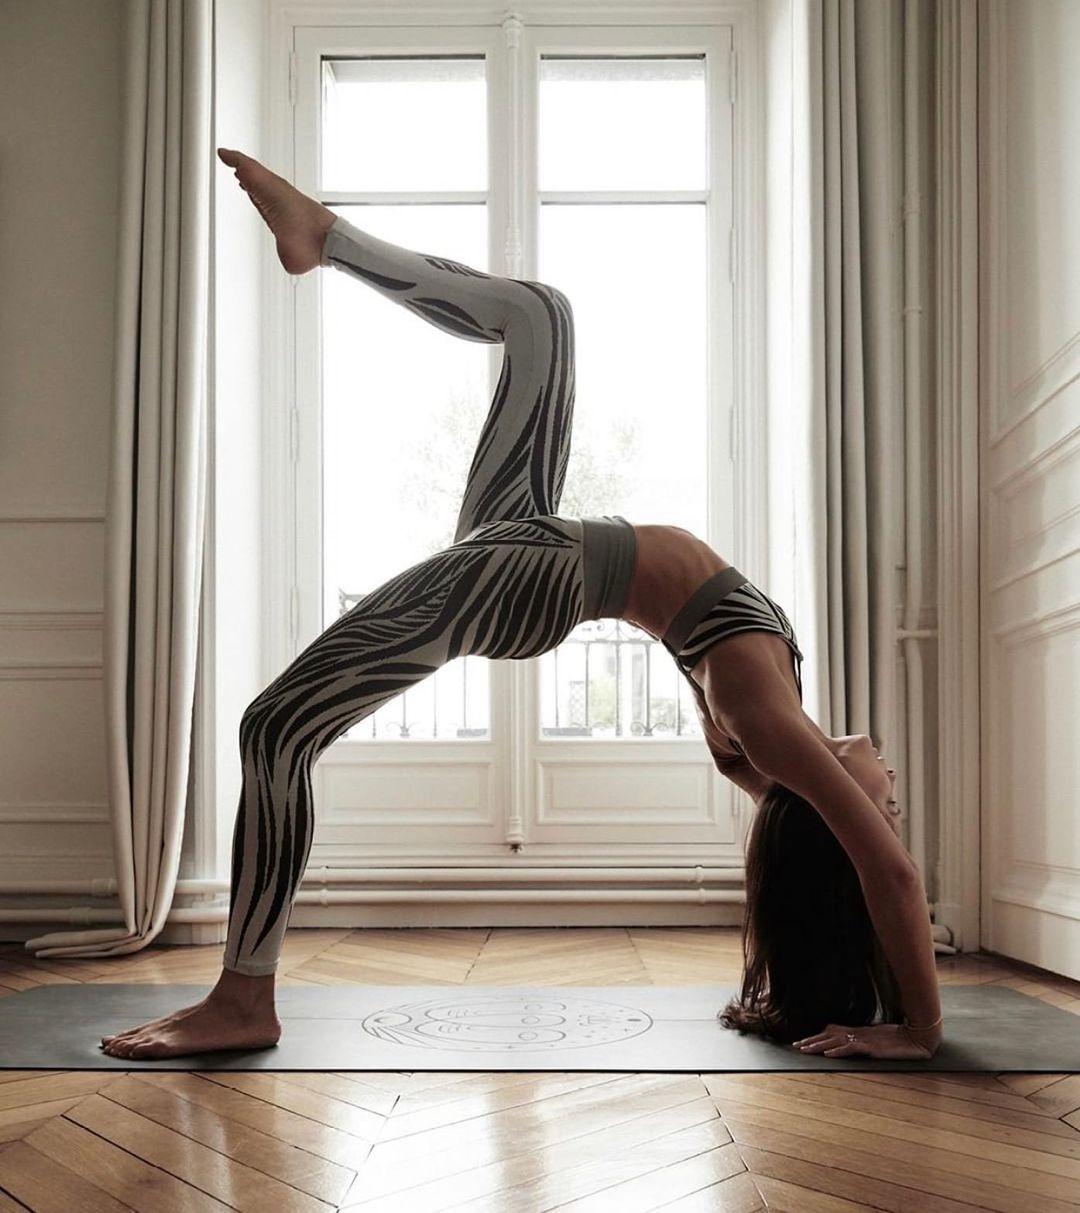 Mélanie Huynh tập nhiều bộ môn từ gym, boxing, đến khiêu vũ, yoga, ballet nhằm giữ gìn sức khỏe, cân bằng cuộc sống.